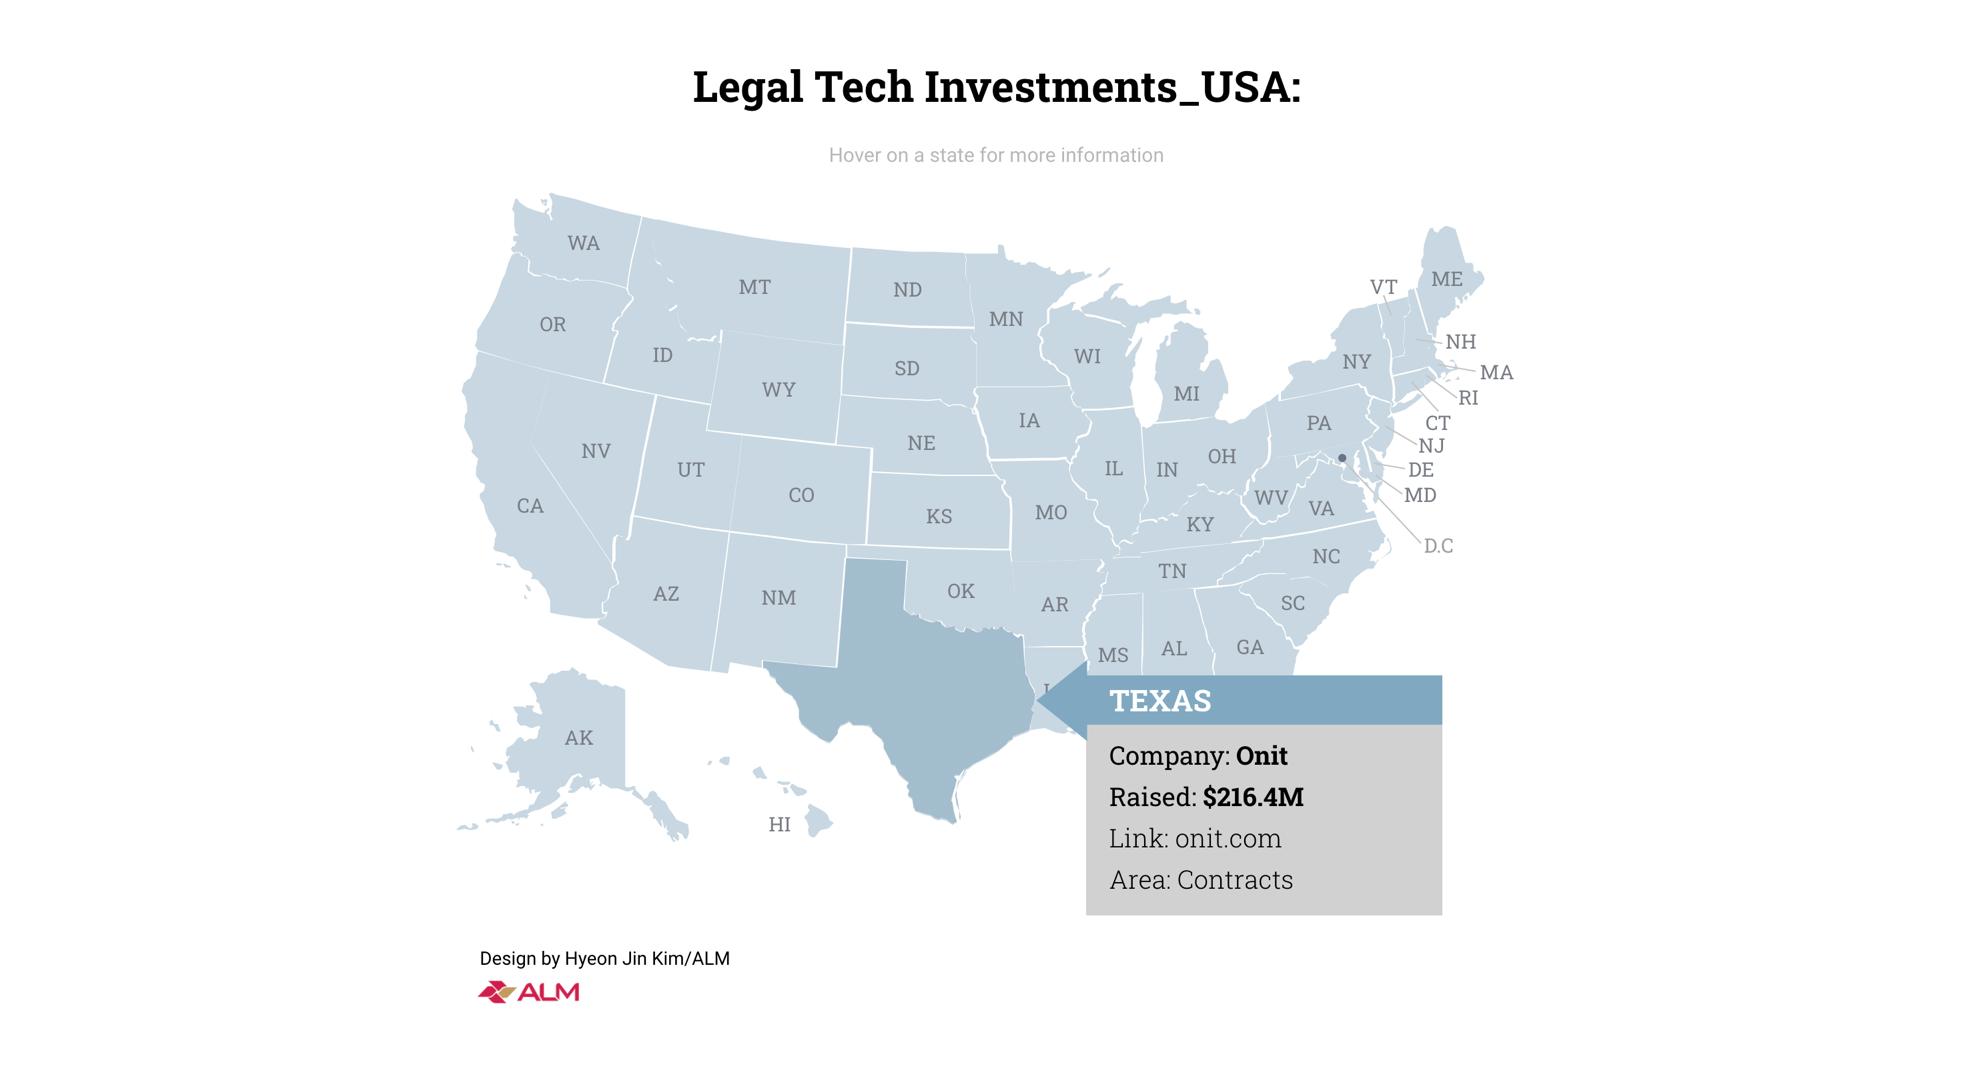 Legal Tech USA by ALM